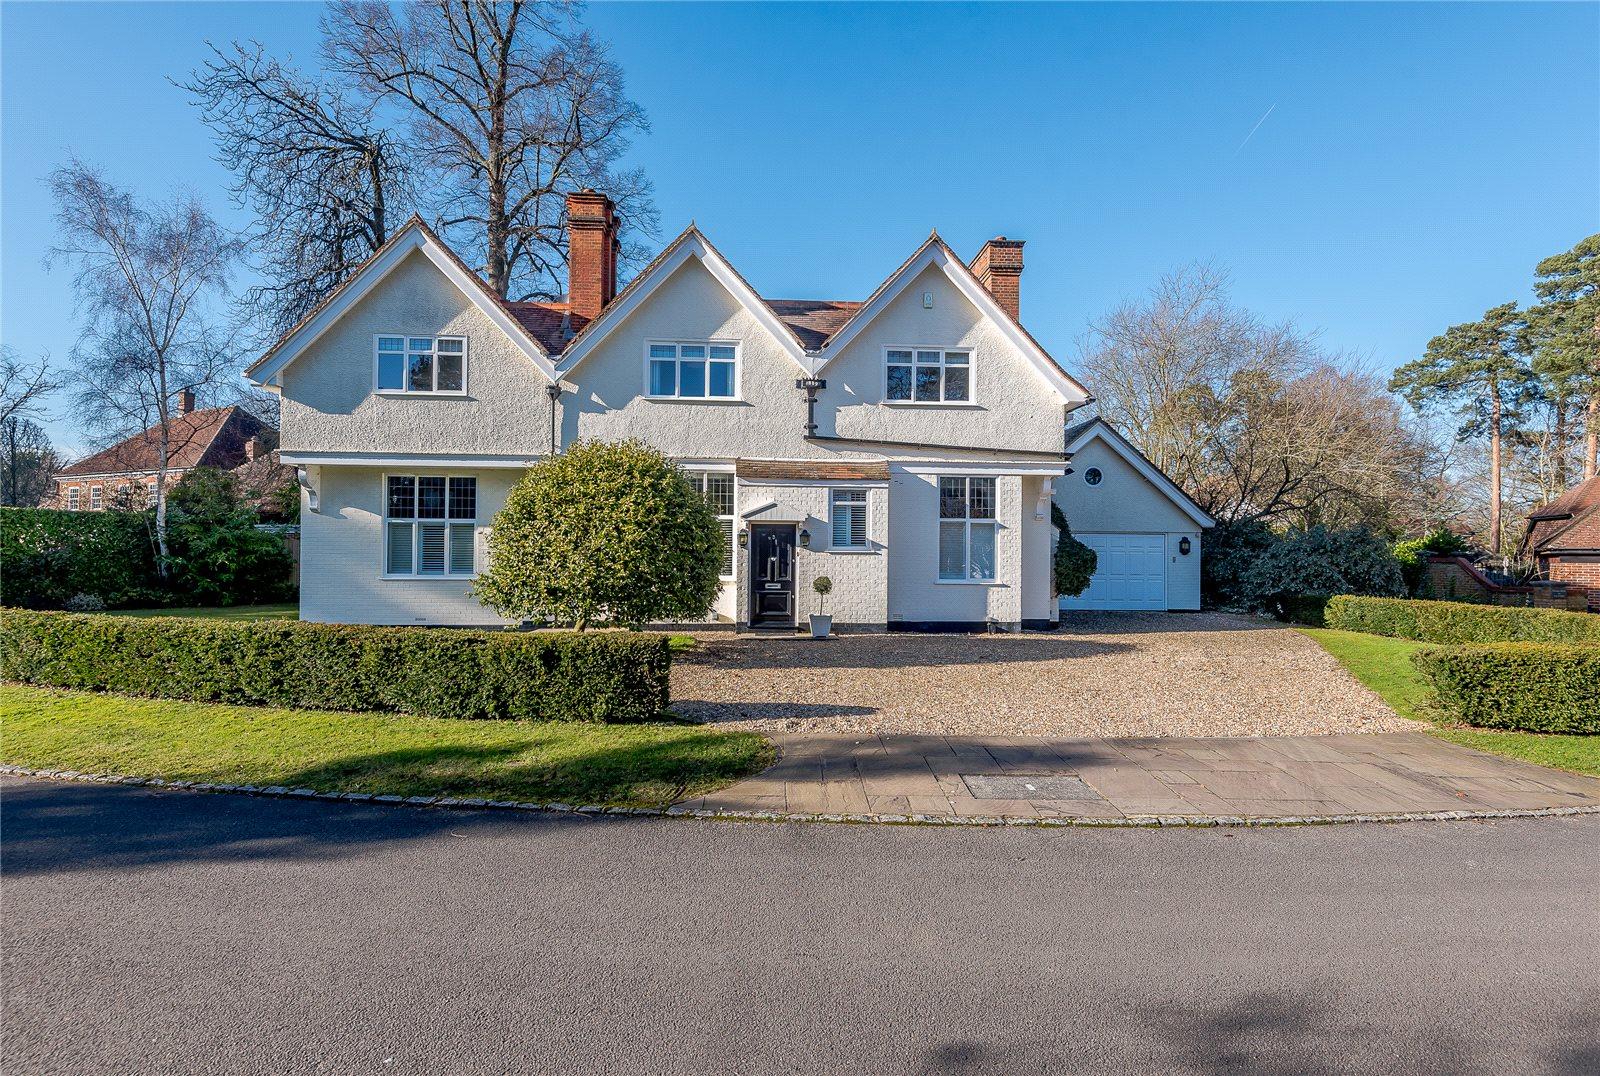 Villa per Vendita alle ore Woodcote Place, Ascot, Berkshire, SL5 Ascot, Inghilterra